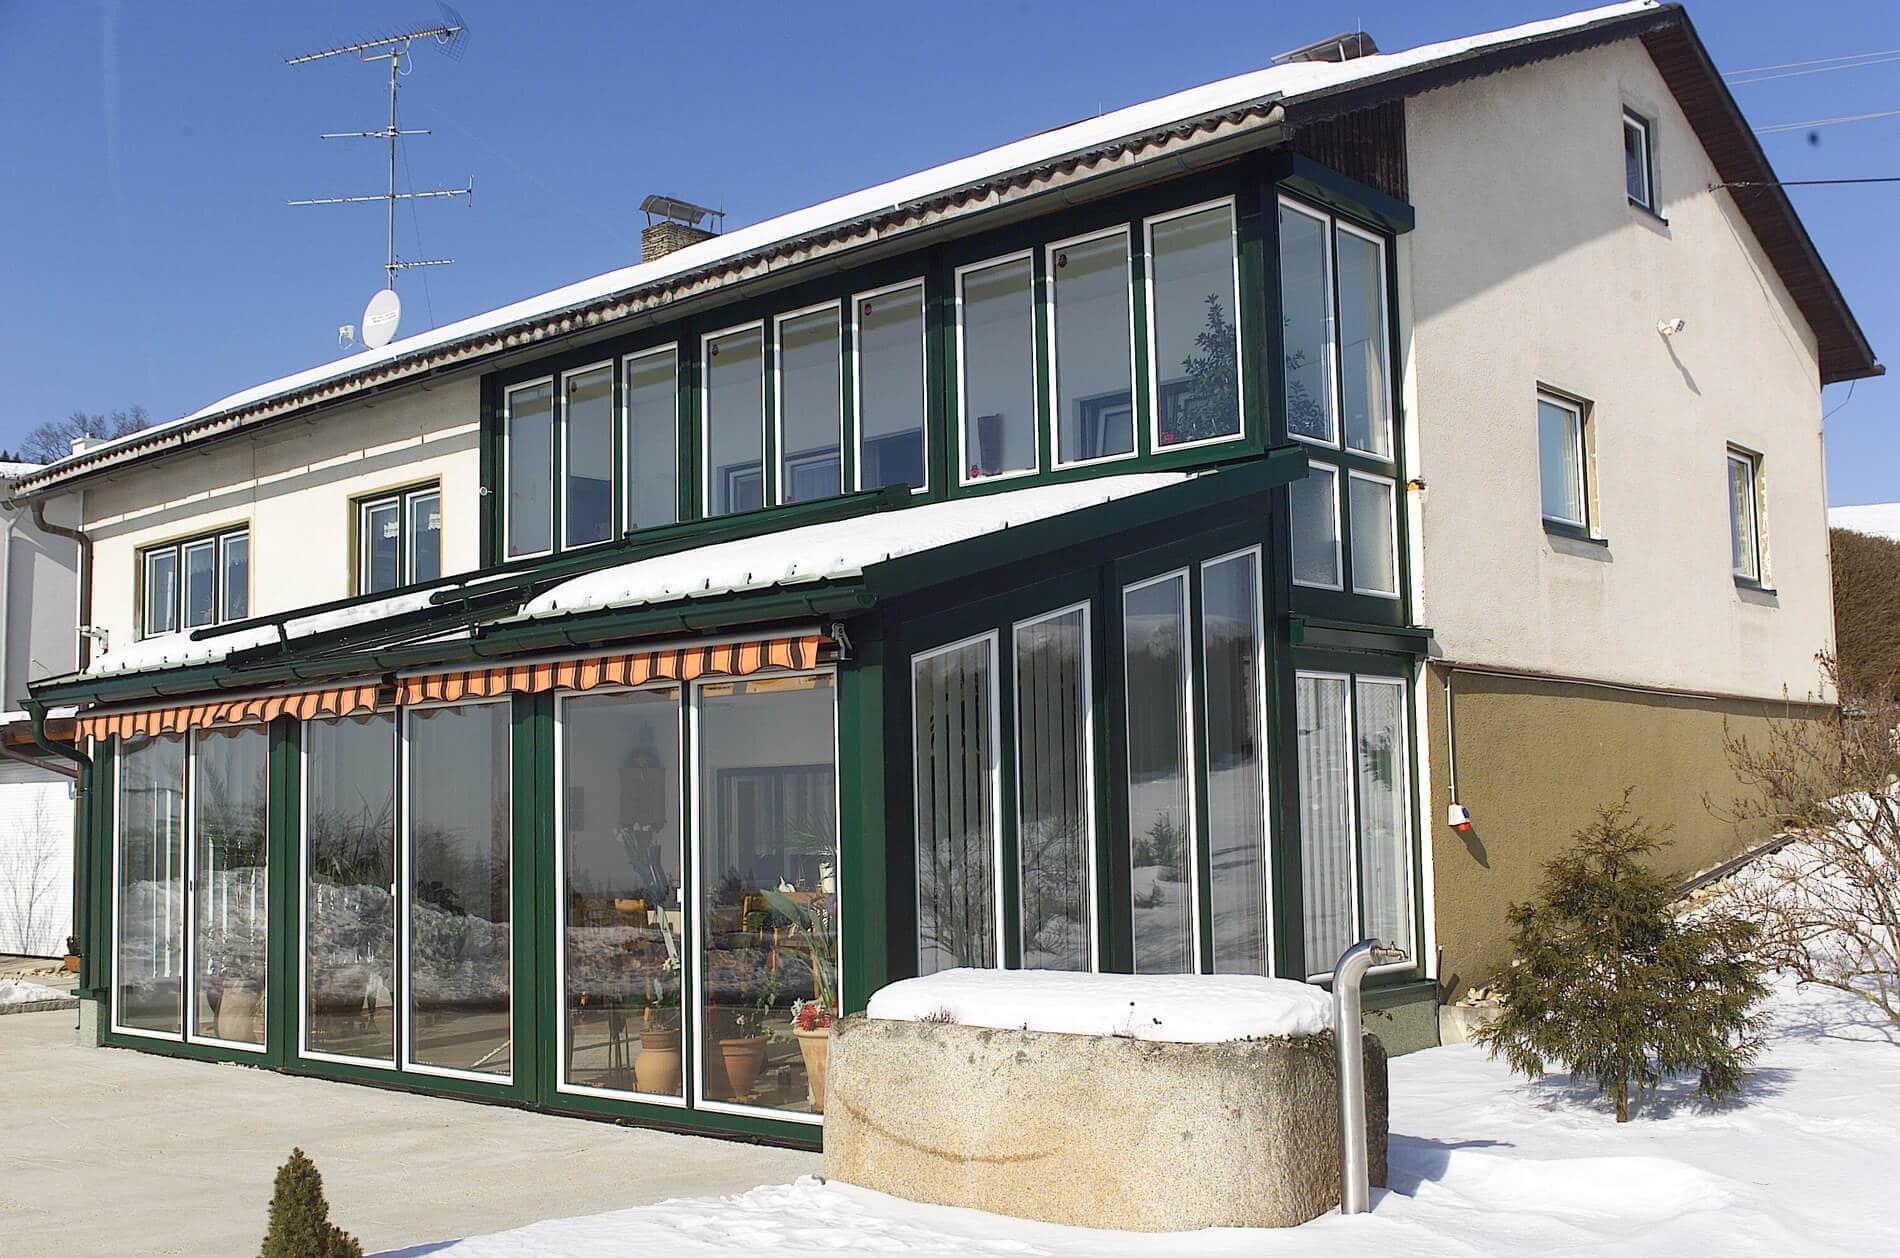 Wintergarten mit Balkonverglasung